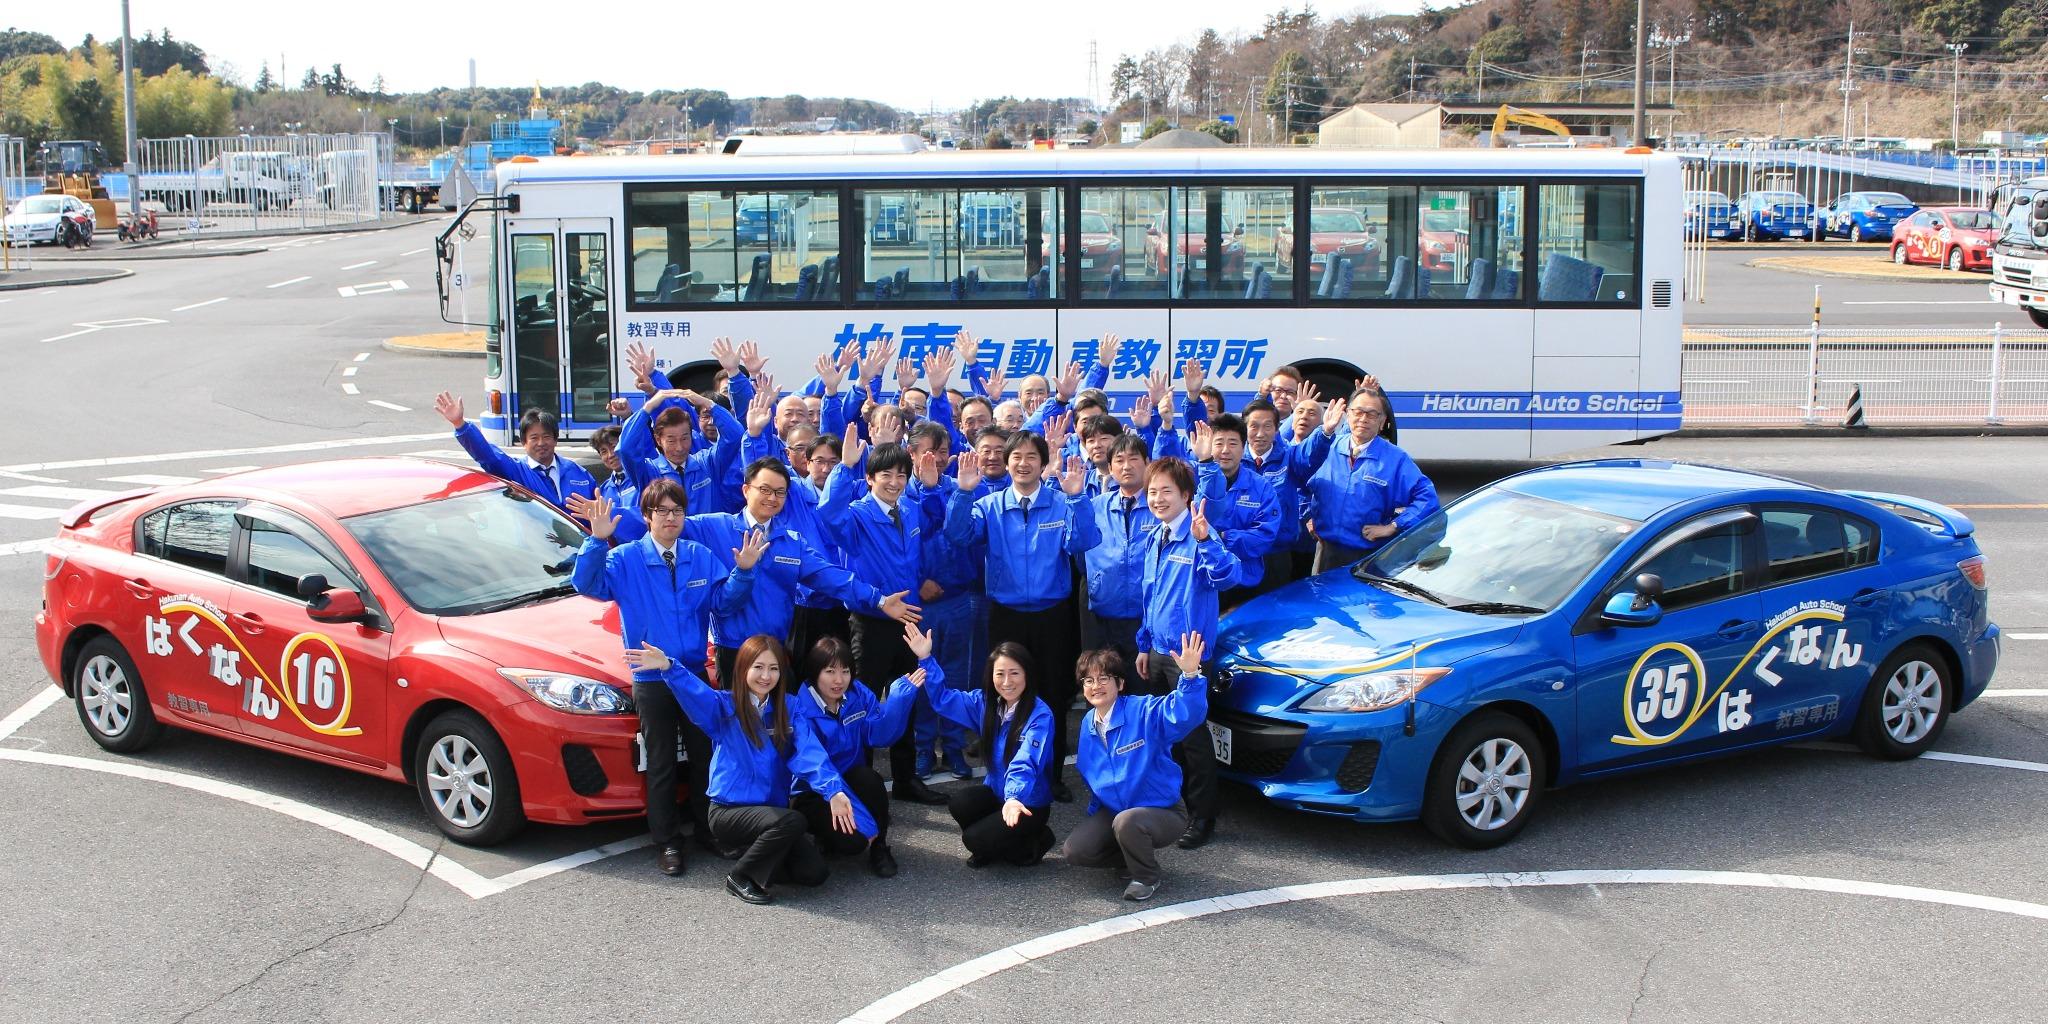 学校 自動車 松戸 中央